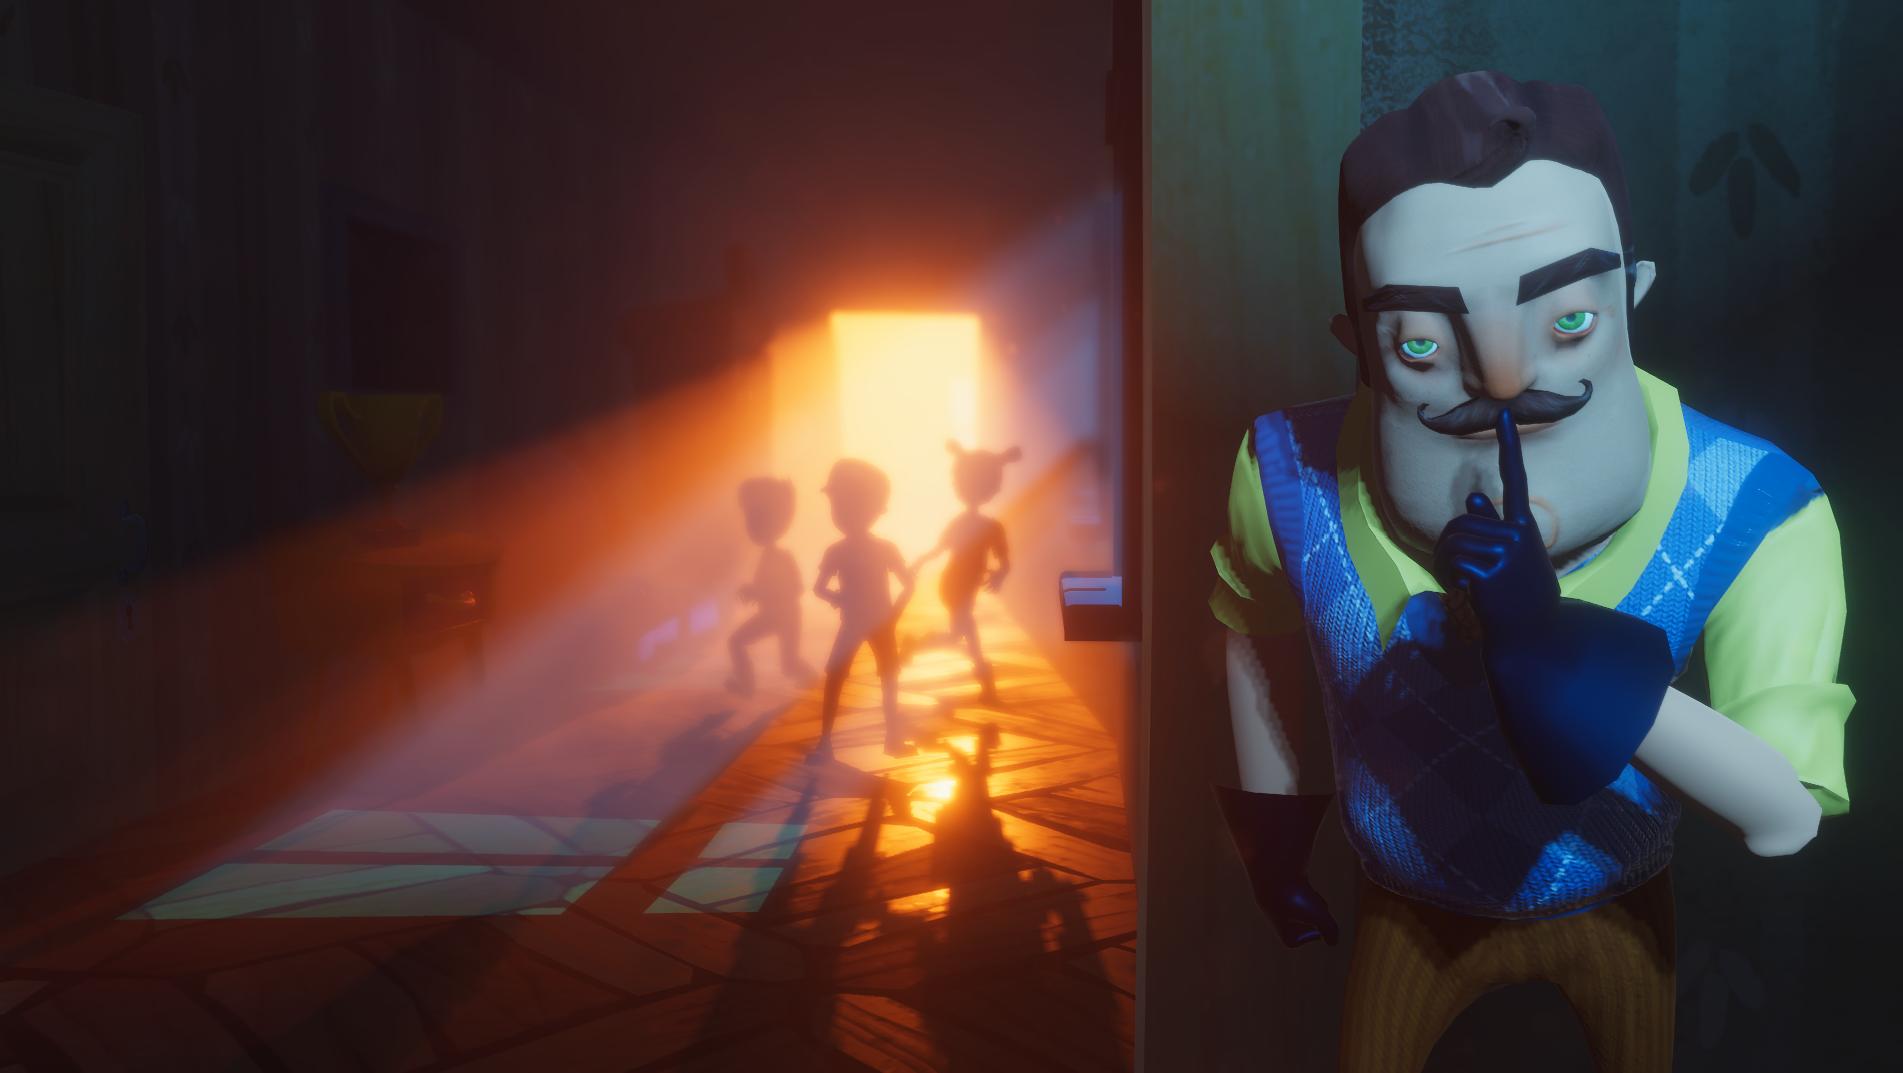 Secret Neighbor - Hello Neighbor Multiplayer Horror Game